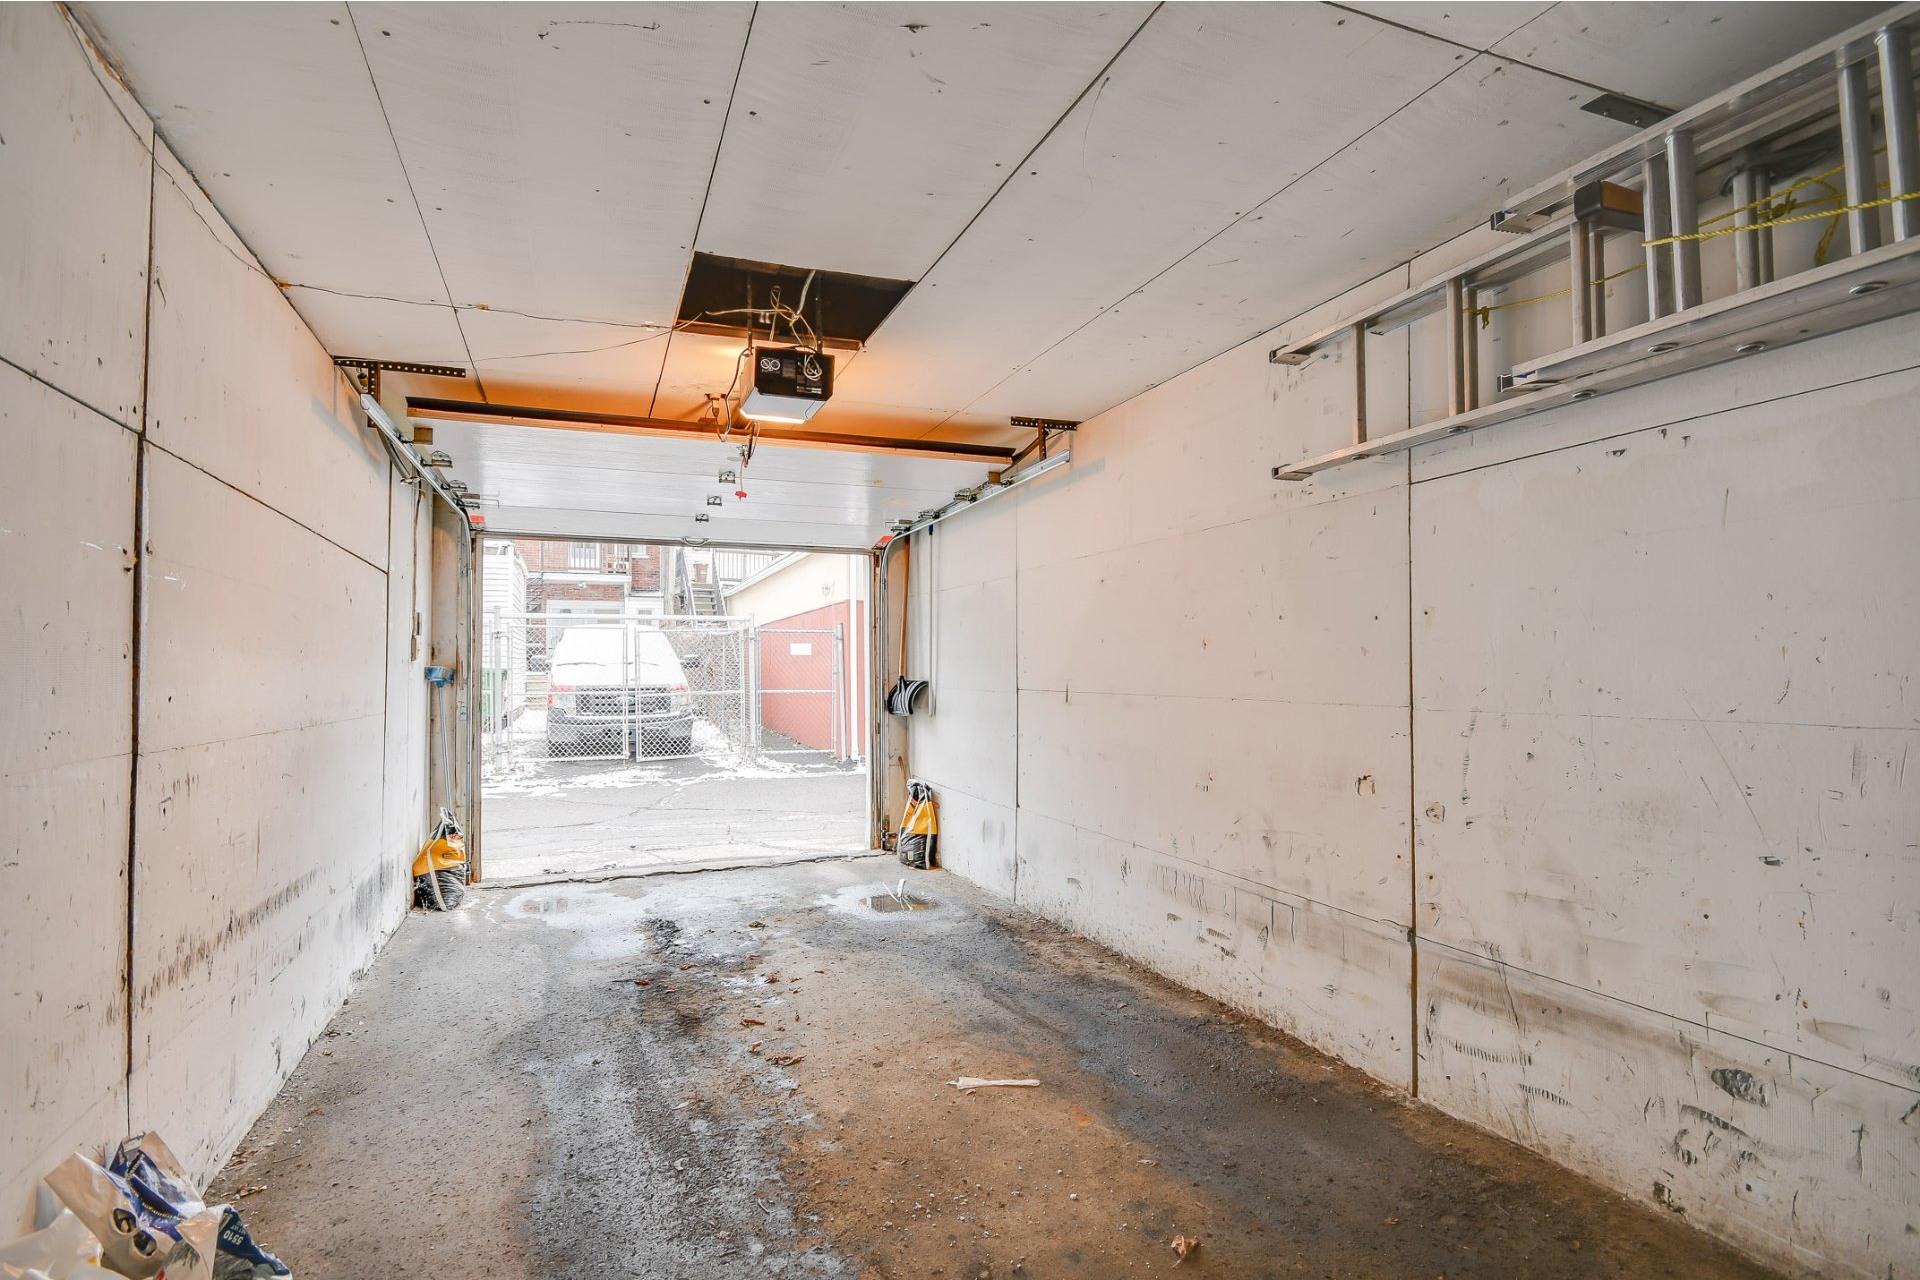 image 15 - Duplex À vendre Rosemont/La Petite-Patrie Montréal  - 5 pièces